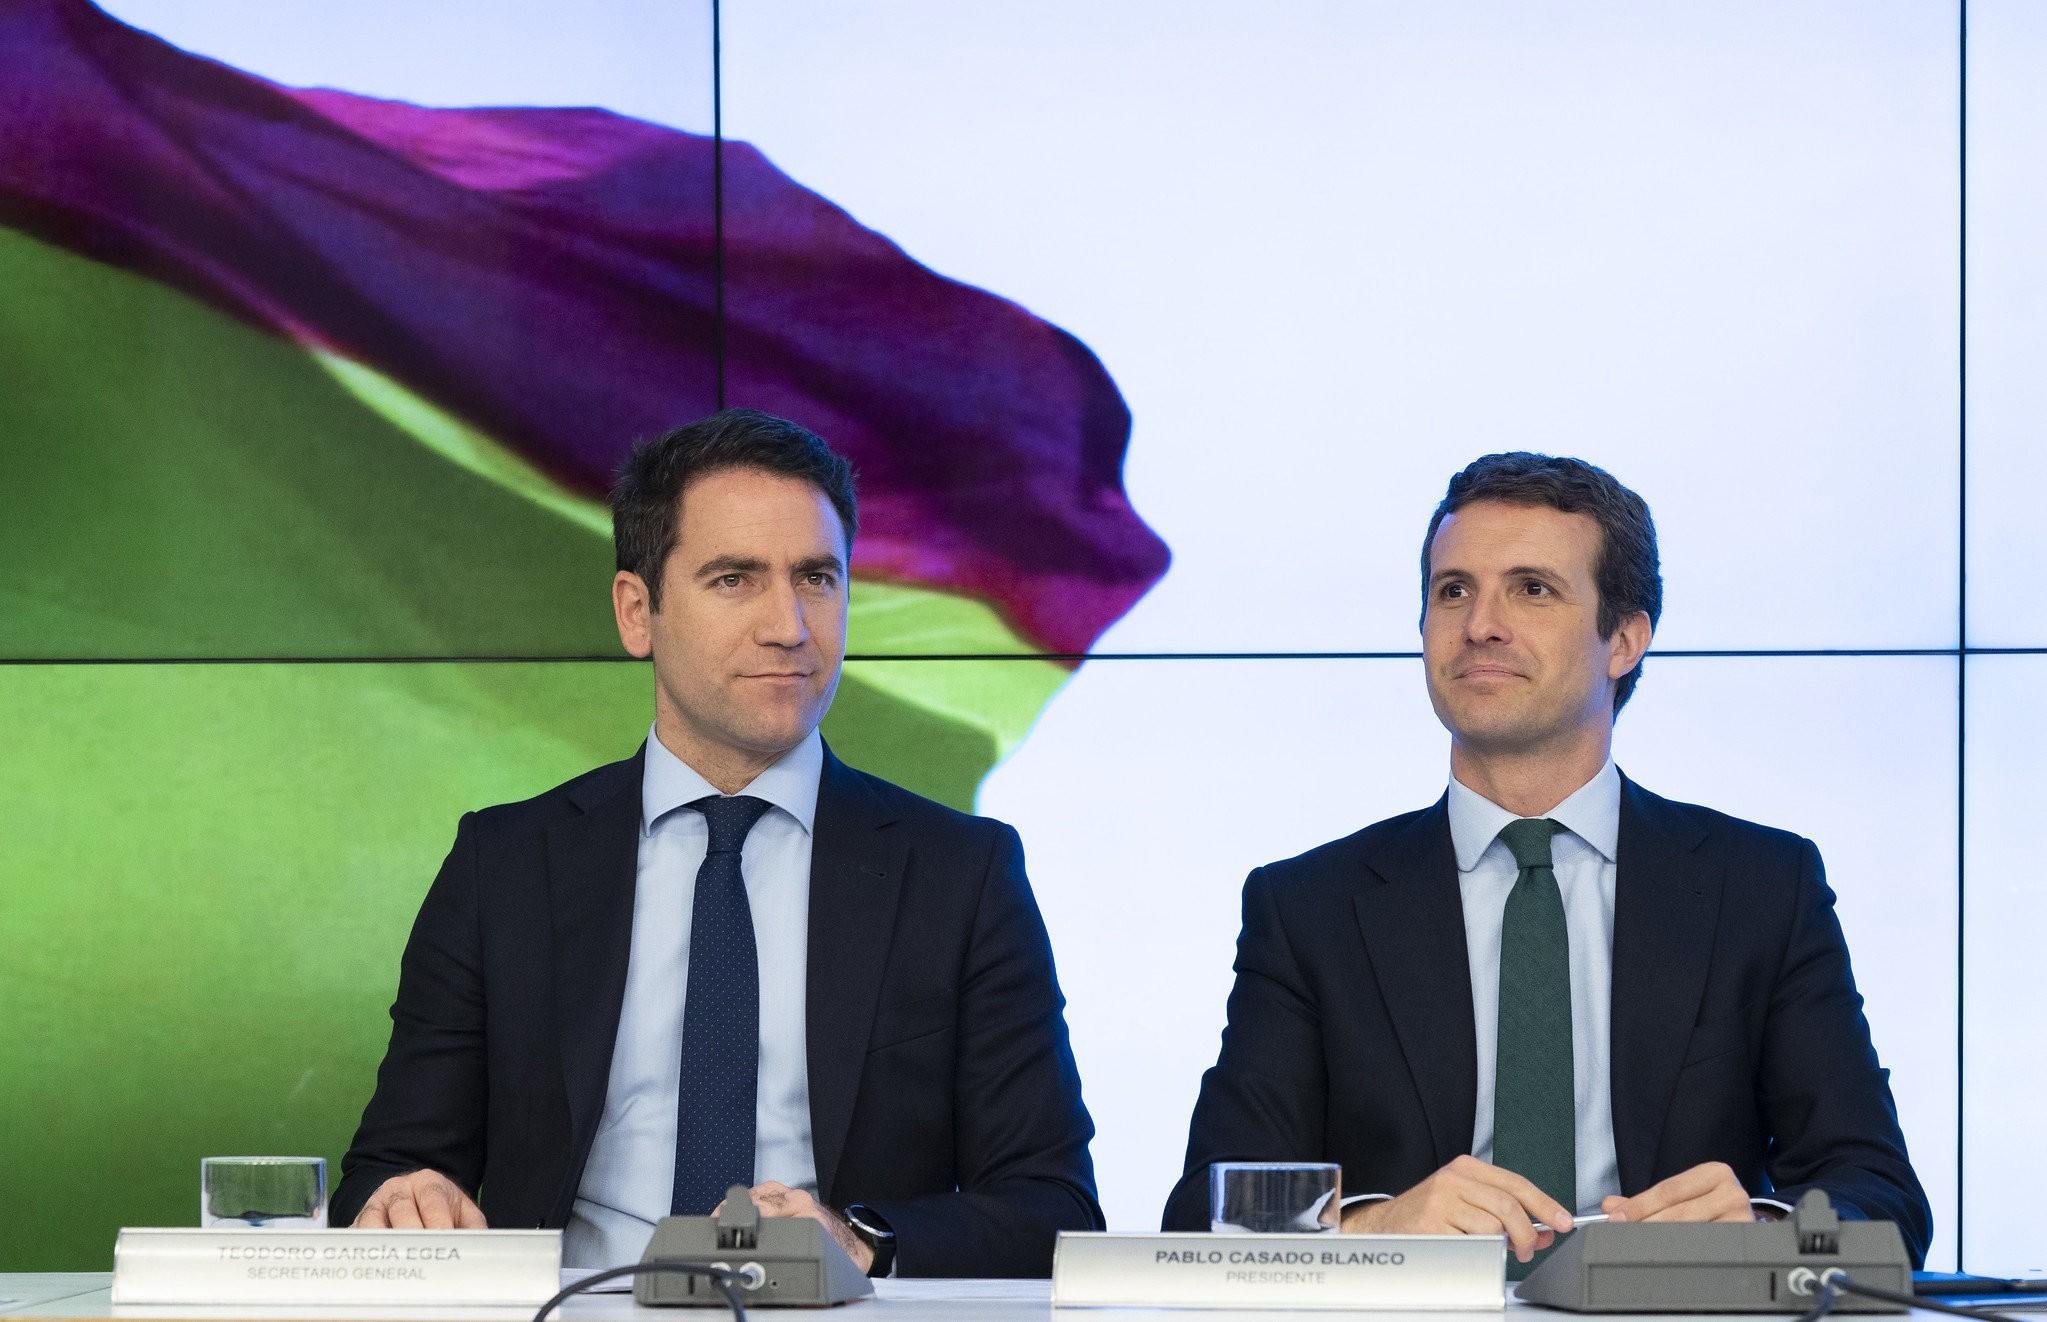 El equipo de Ayuso acusa a García-Egea de filtraciones contra la presidenta y en Génova apuntan a Miguel Ángel Rodríguez